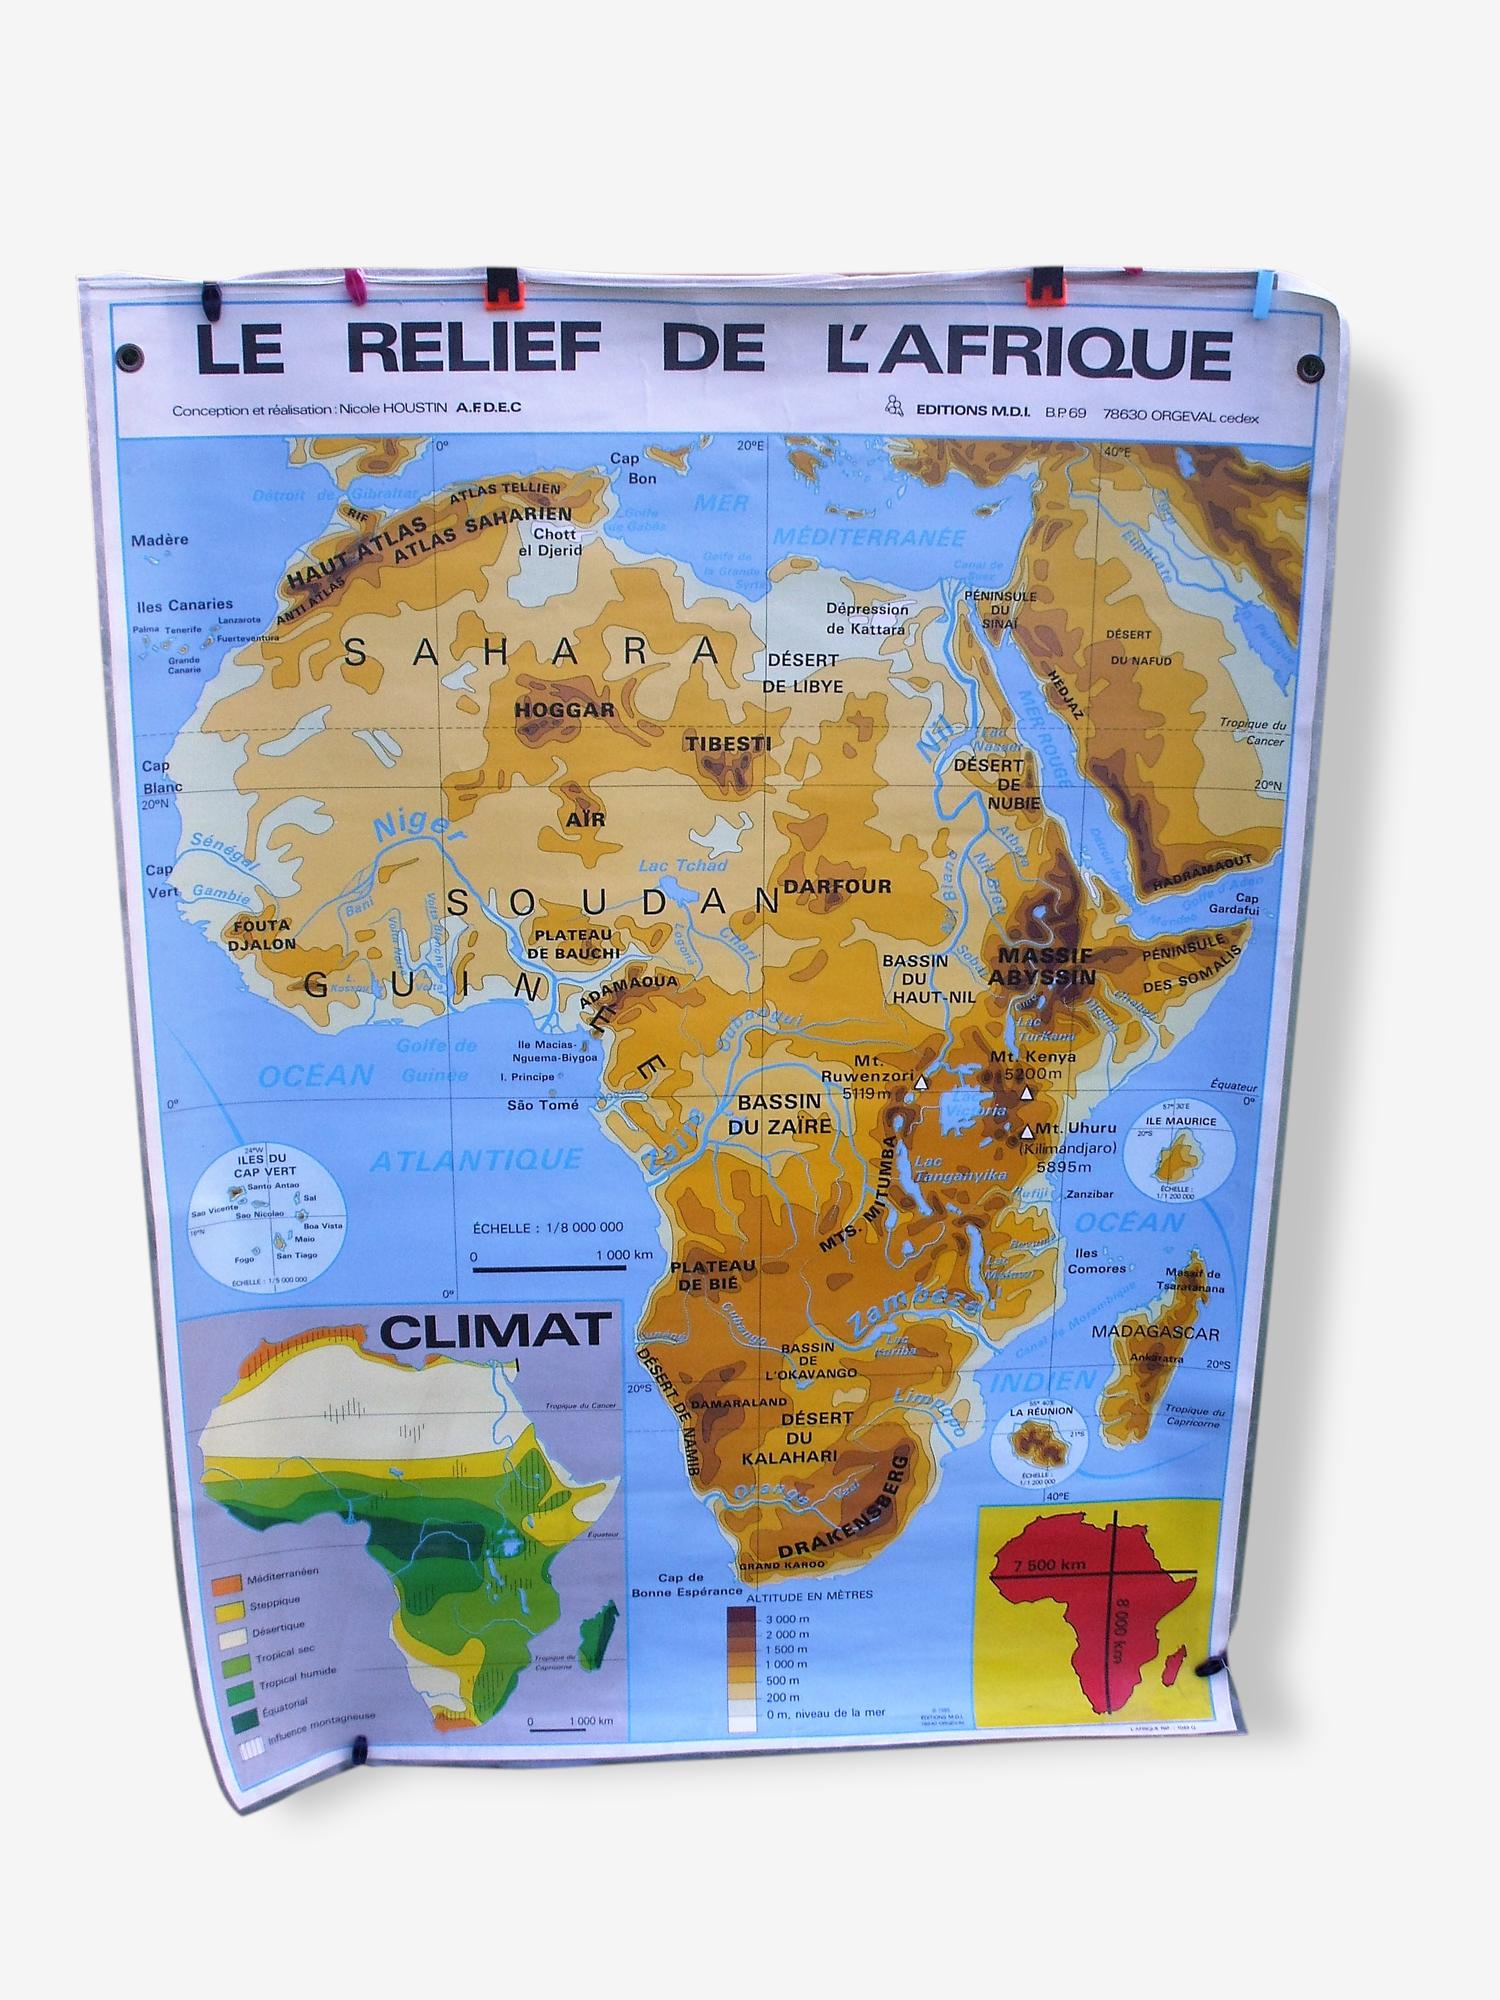 Affiche scolaire le relief de l'Afrique / les Etats 1985